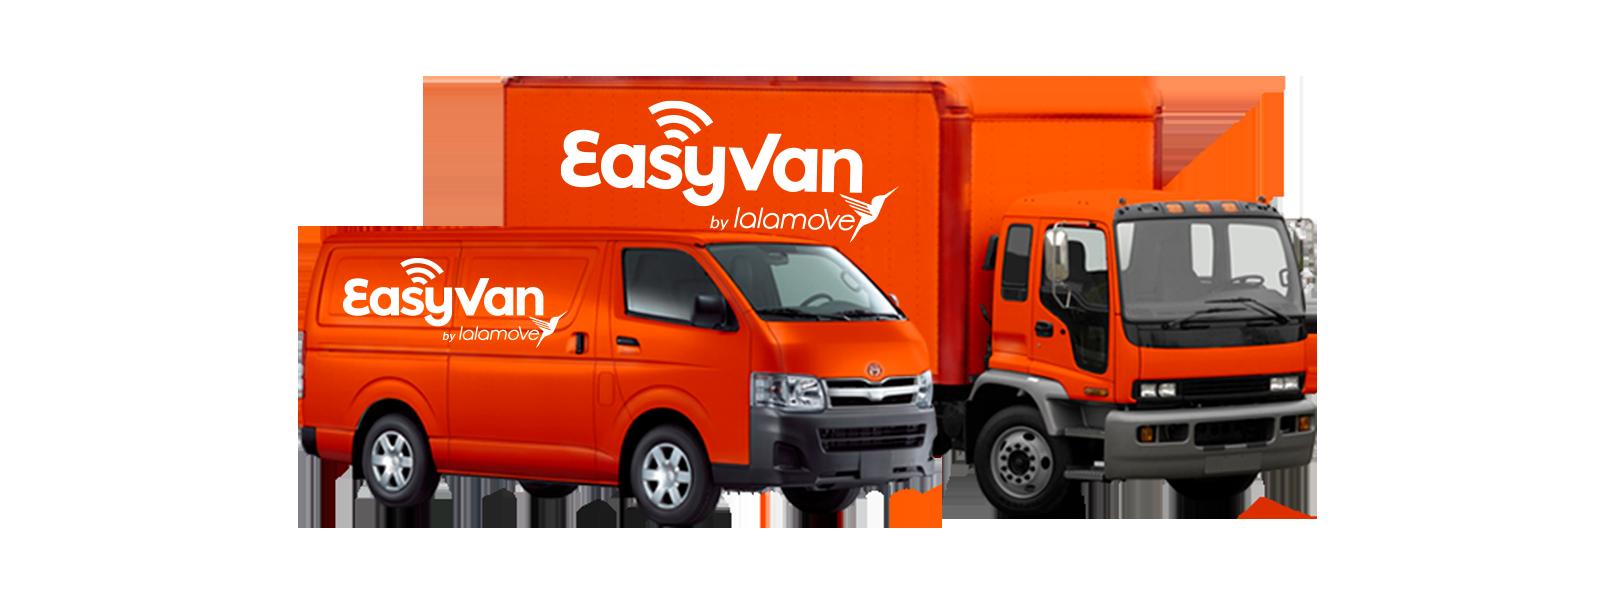 EV_All-in-One_Van-Truck.png